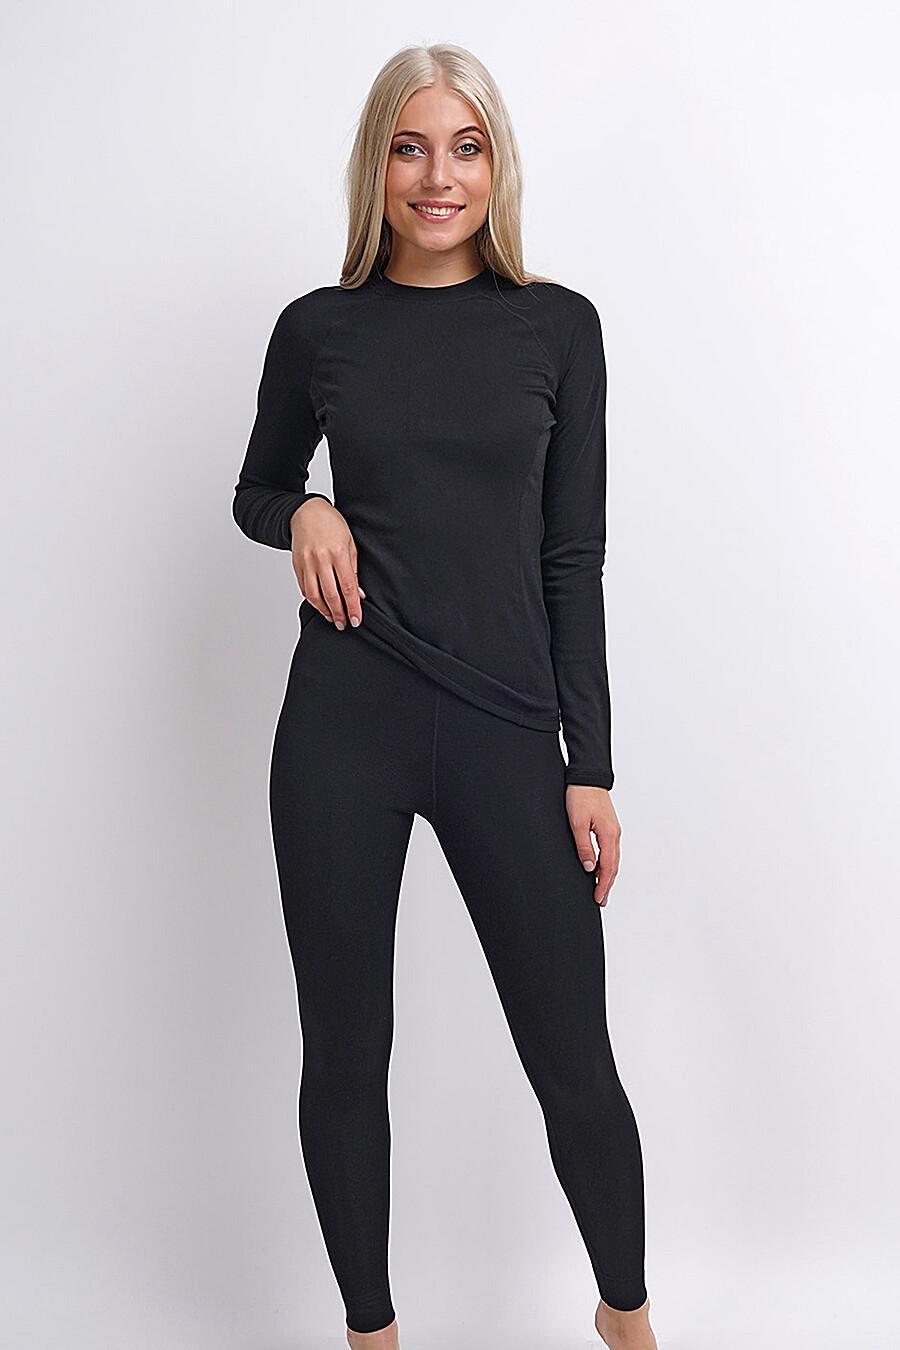 Легинсы (Термобелье) для женщин CLEVER 158568 купить оптом от производителя. Совместная покупка женской одежды в OptMoyo